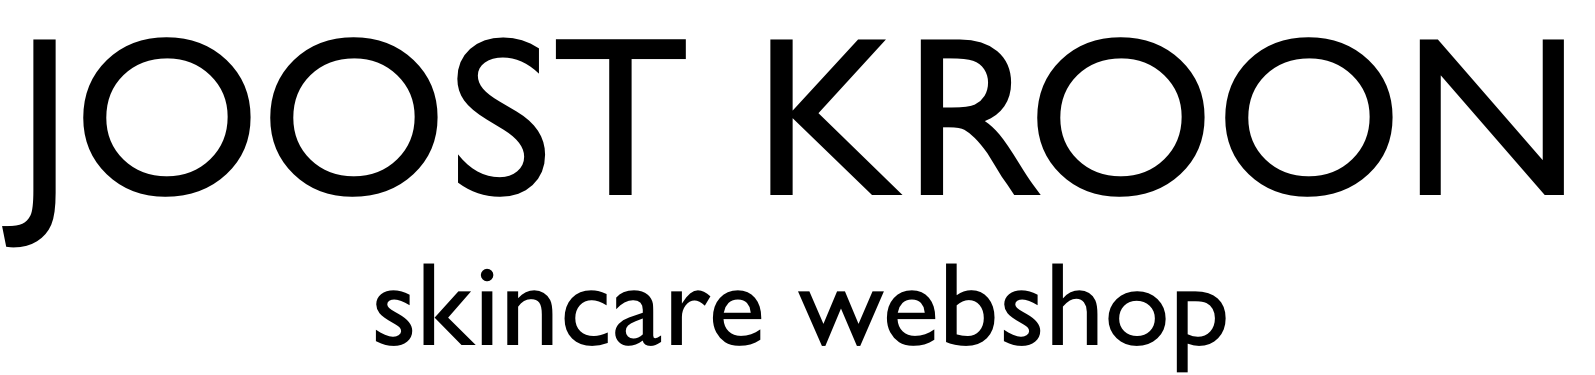 Skincare Webshop Joost Kroon kliniek